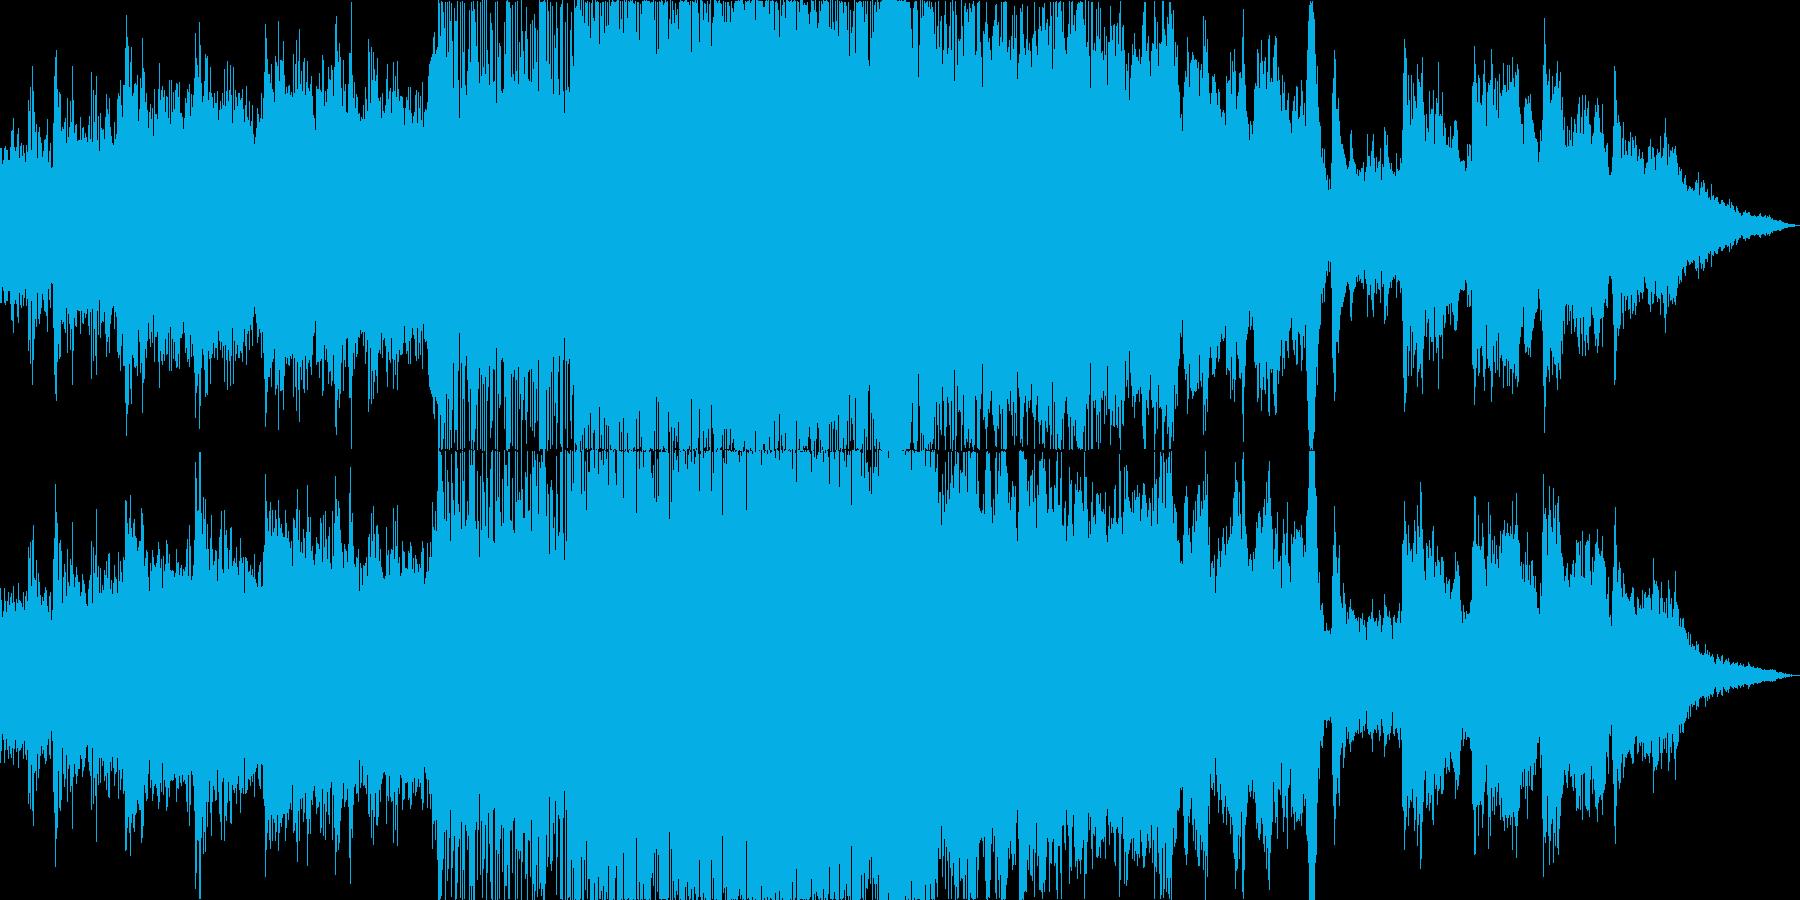 東南アジア風の壮大で民族的なBGMの再生済みの波形